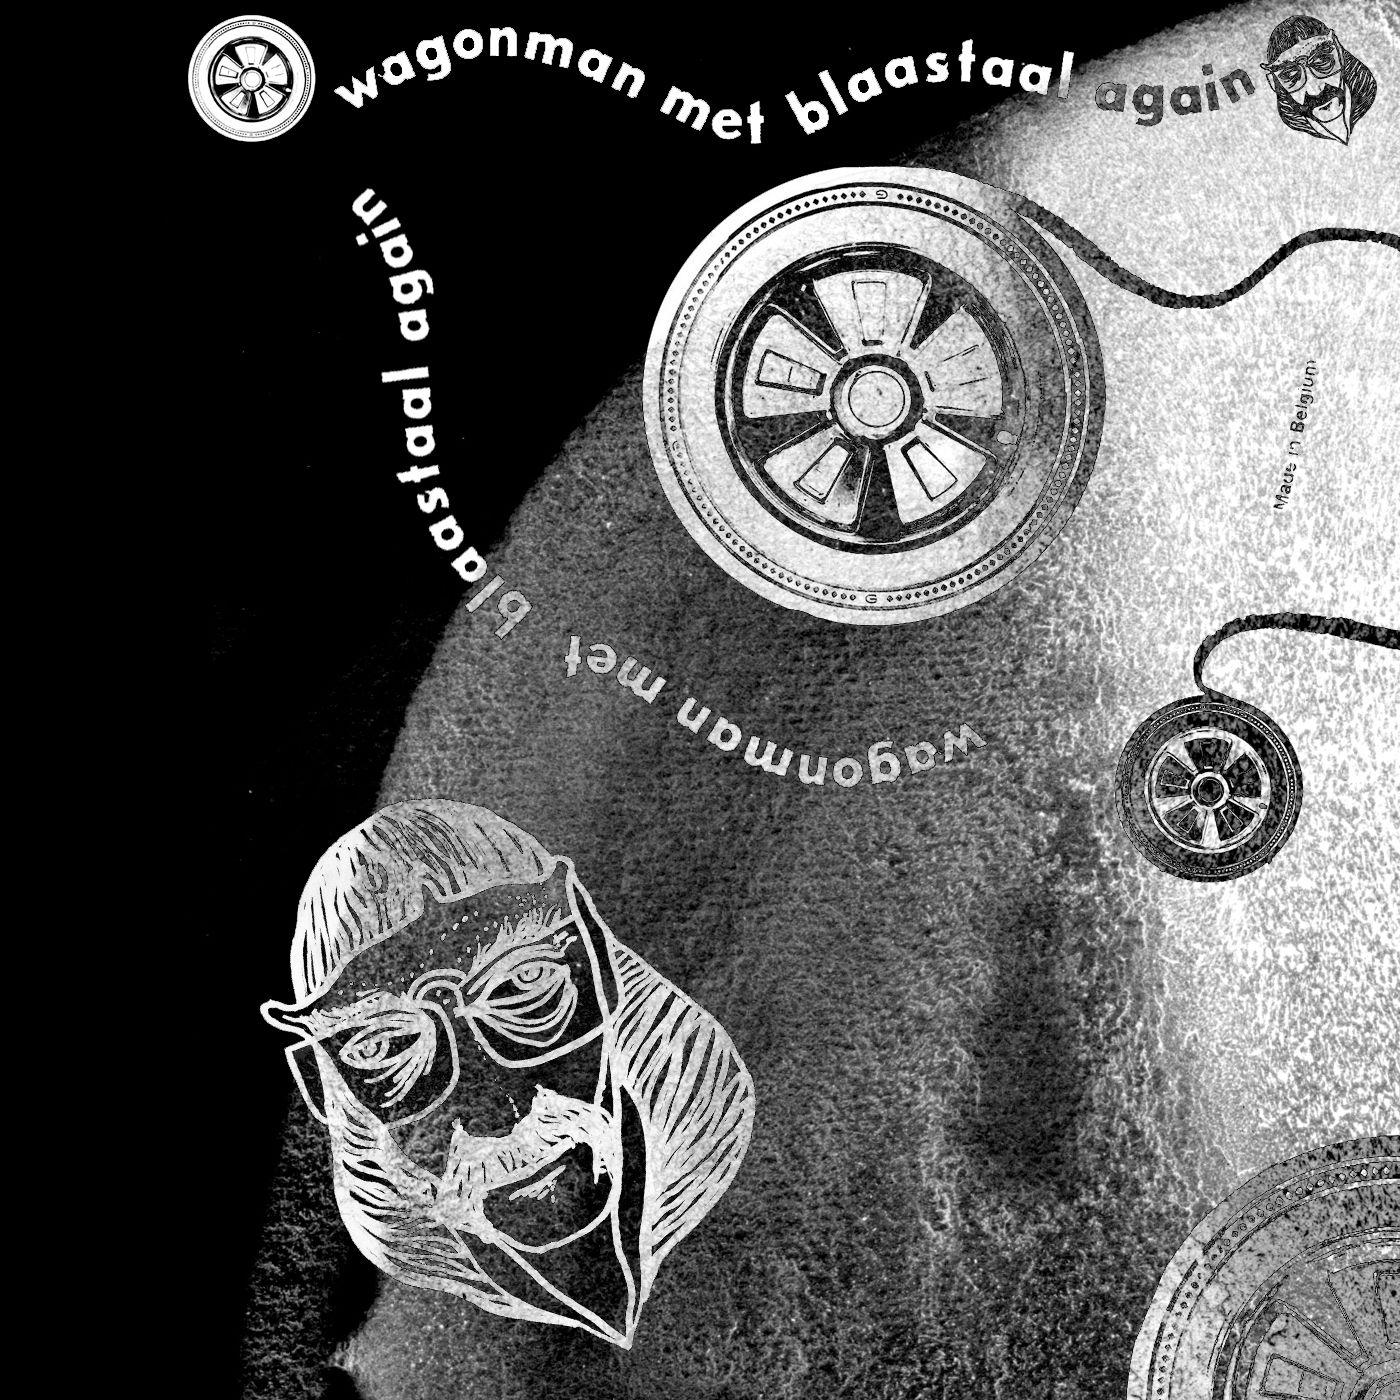 Wagonman - Wagonman Met Blaastaal Again front cover